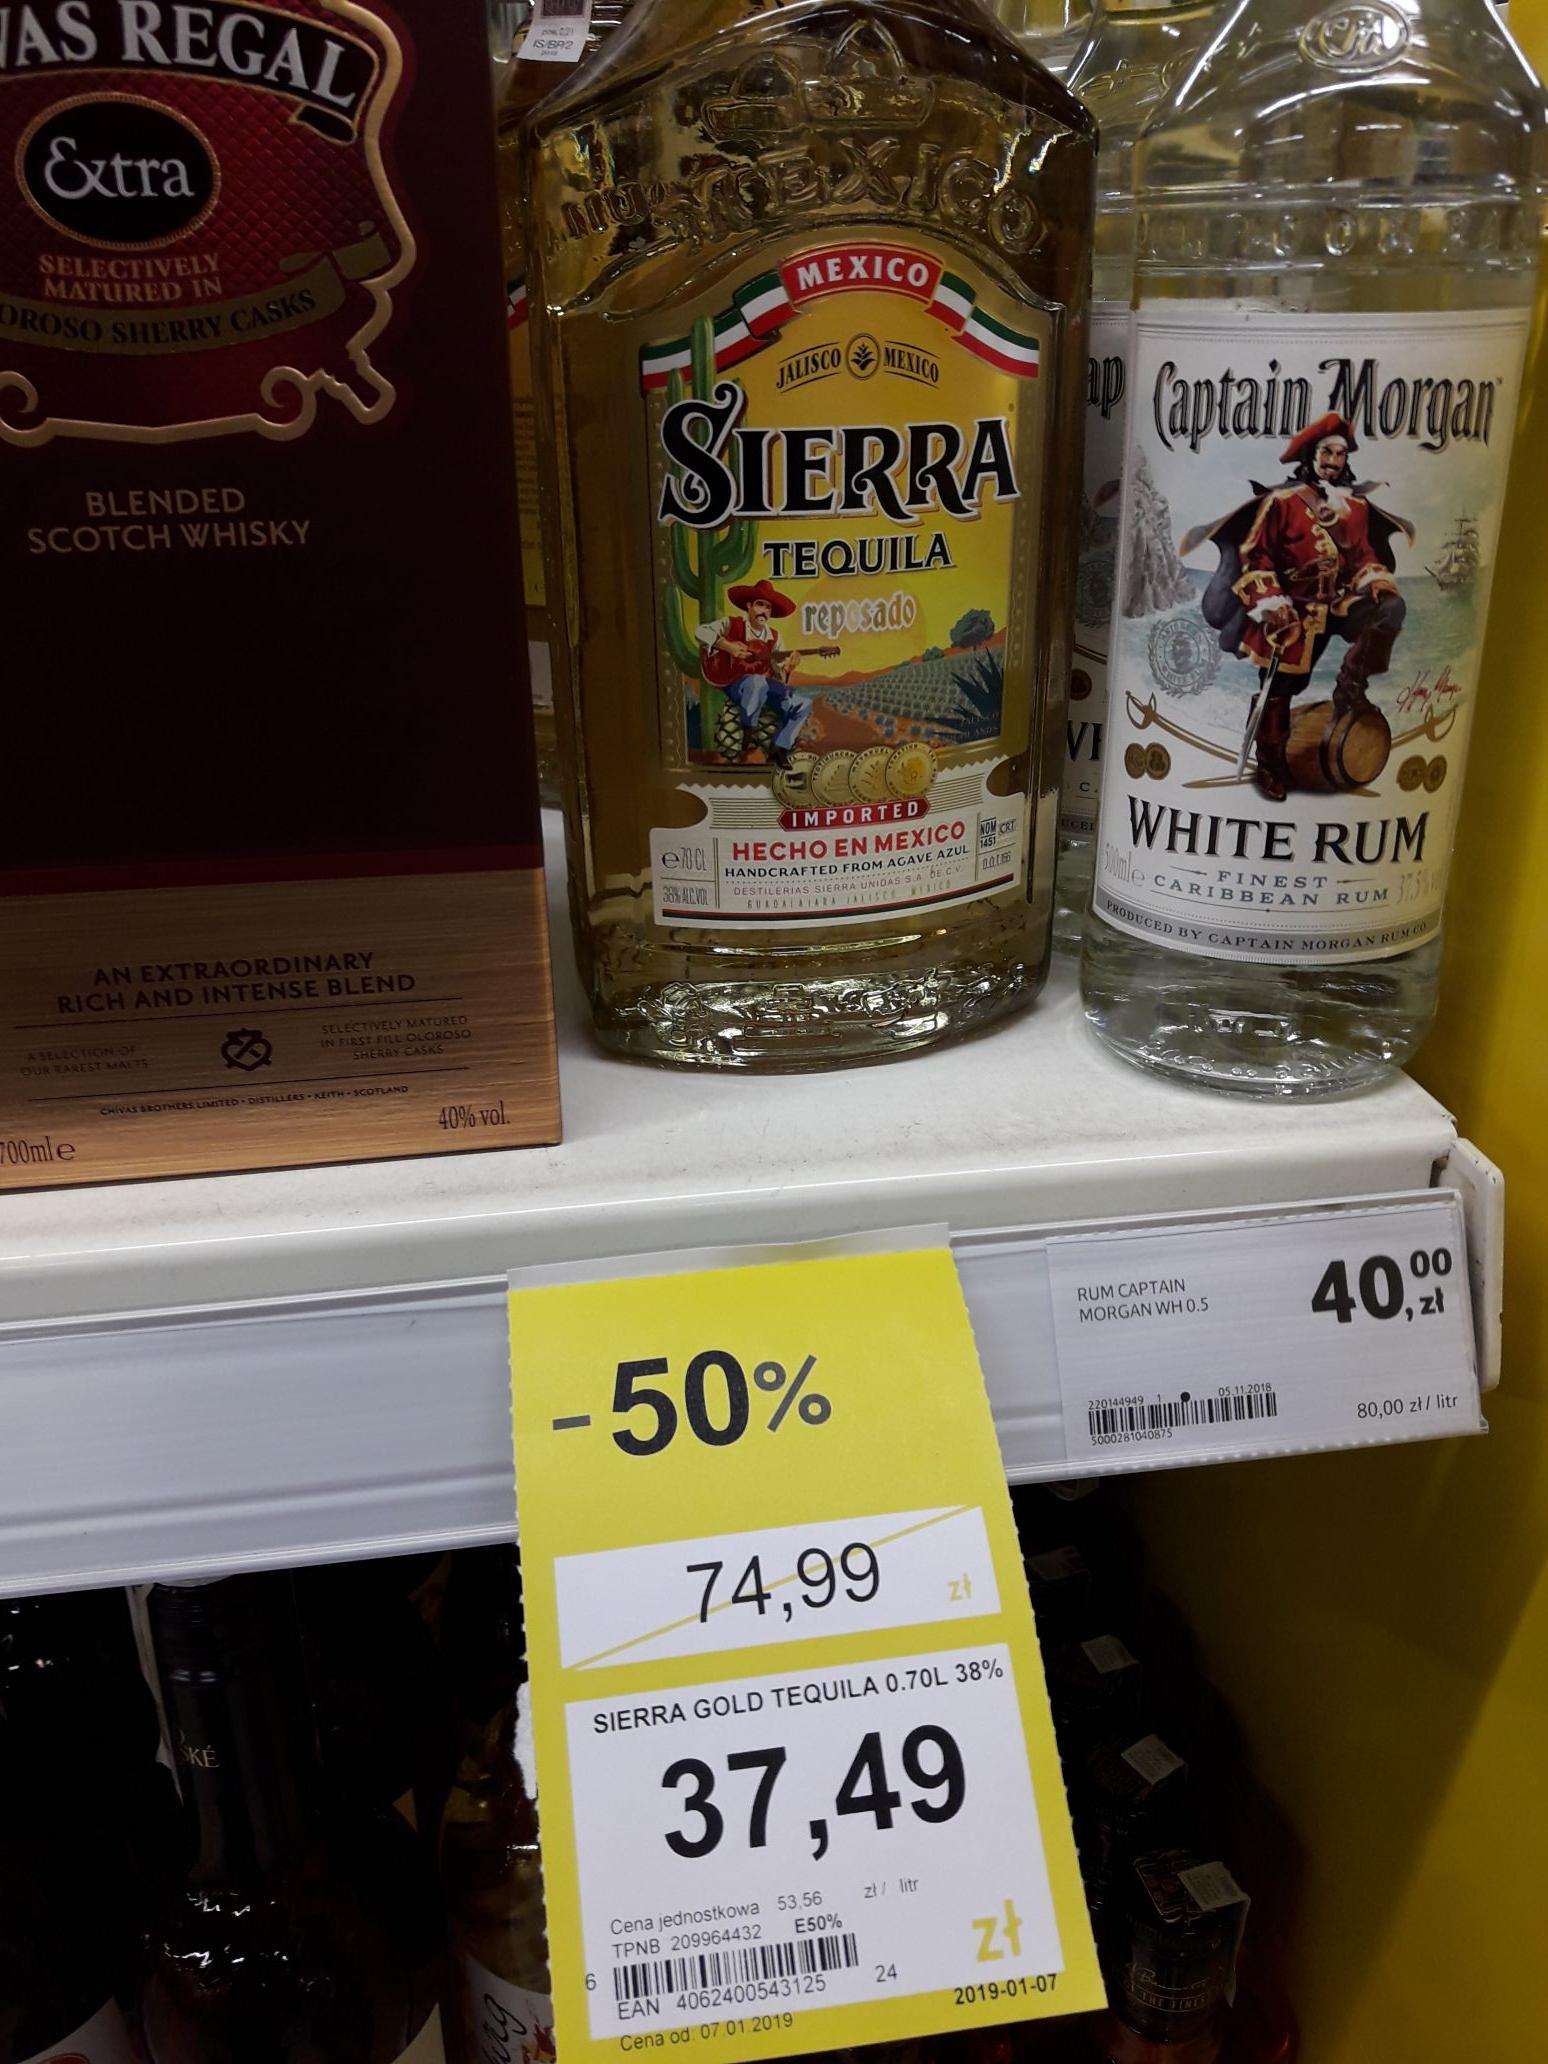 Tequila Sierra Gold 0.7 - 37.49 zl